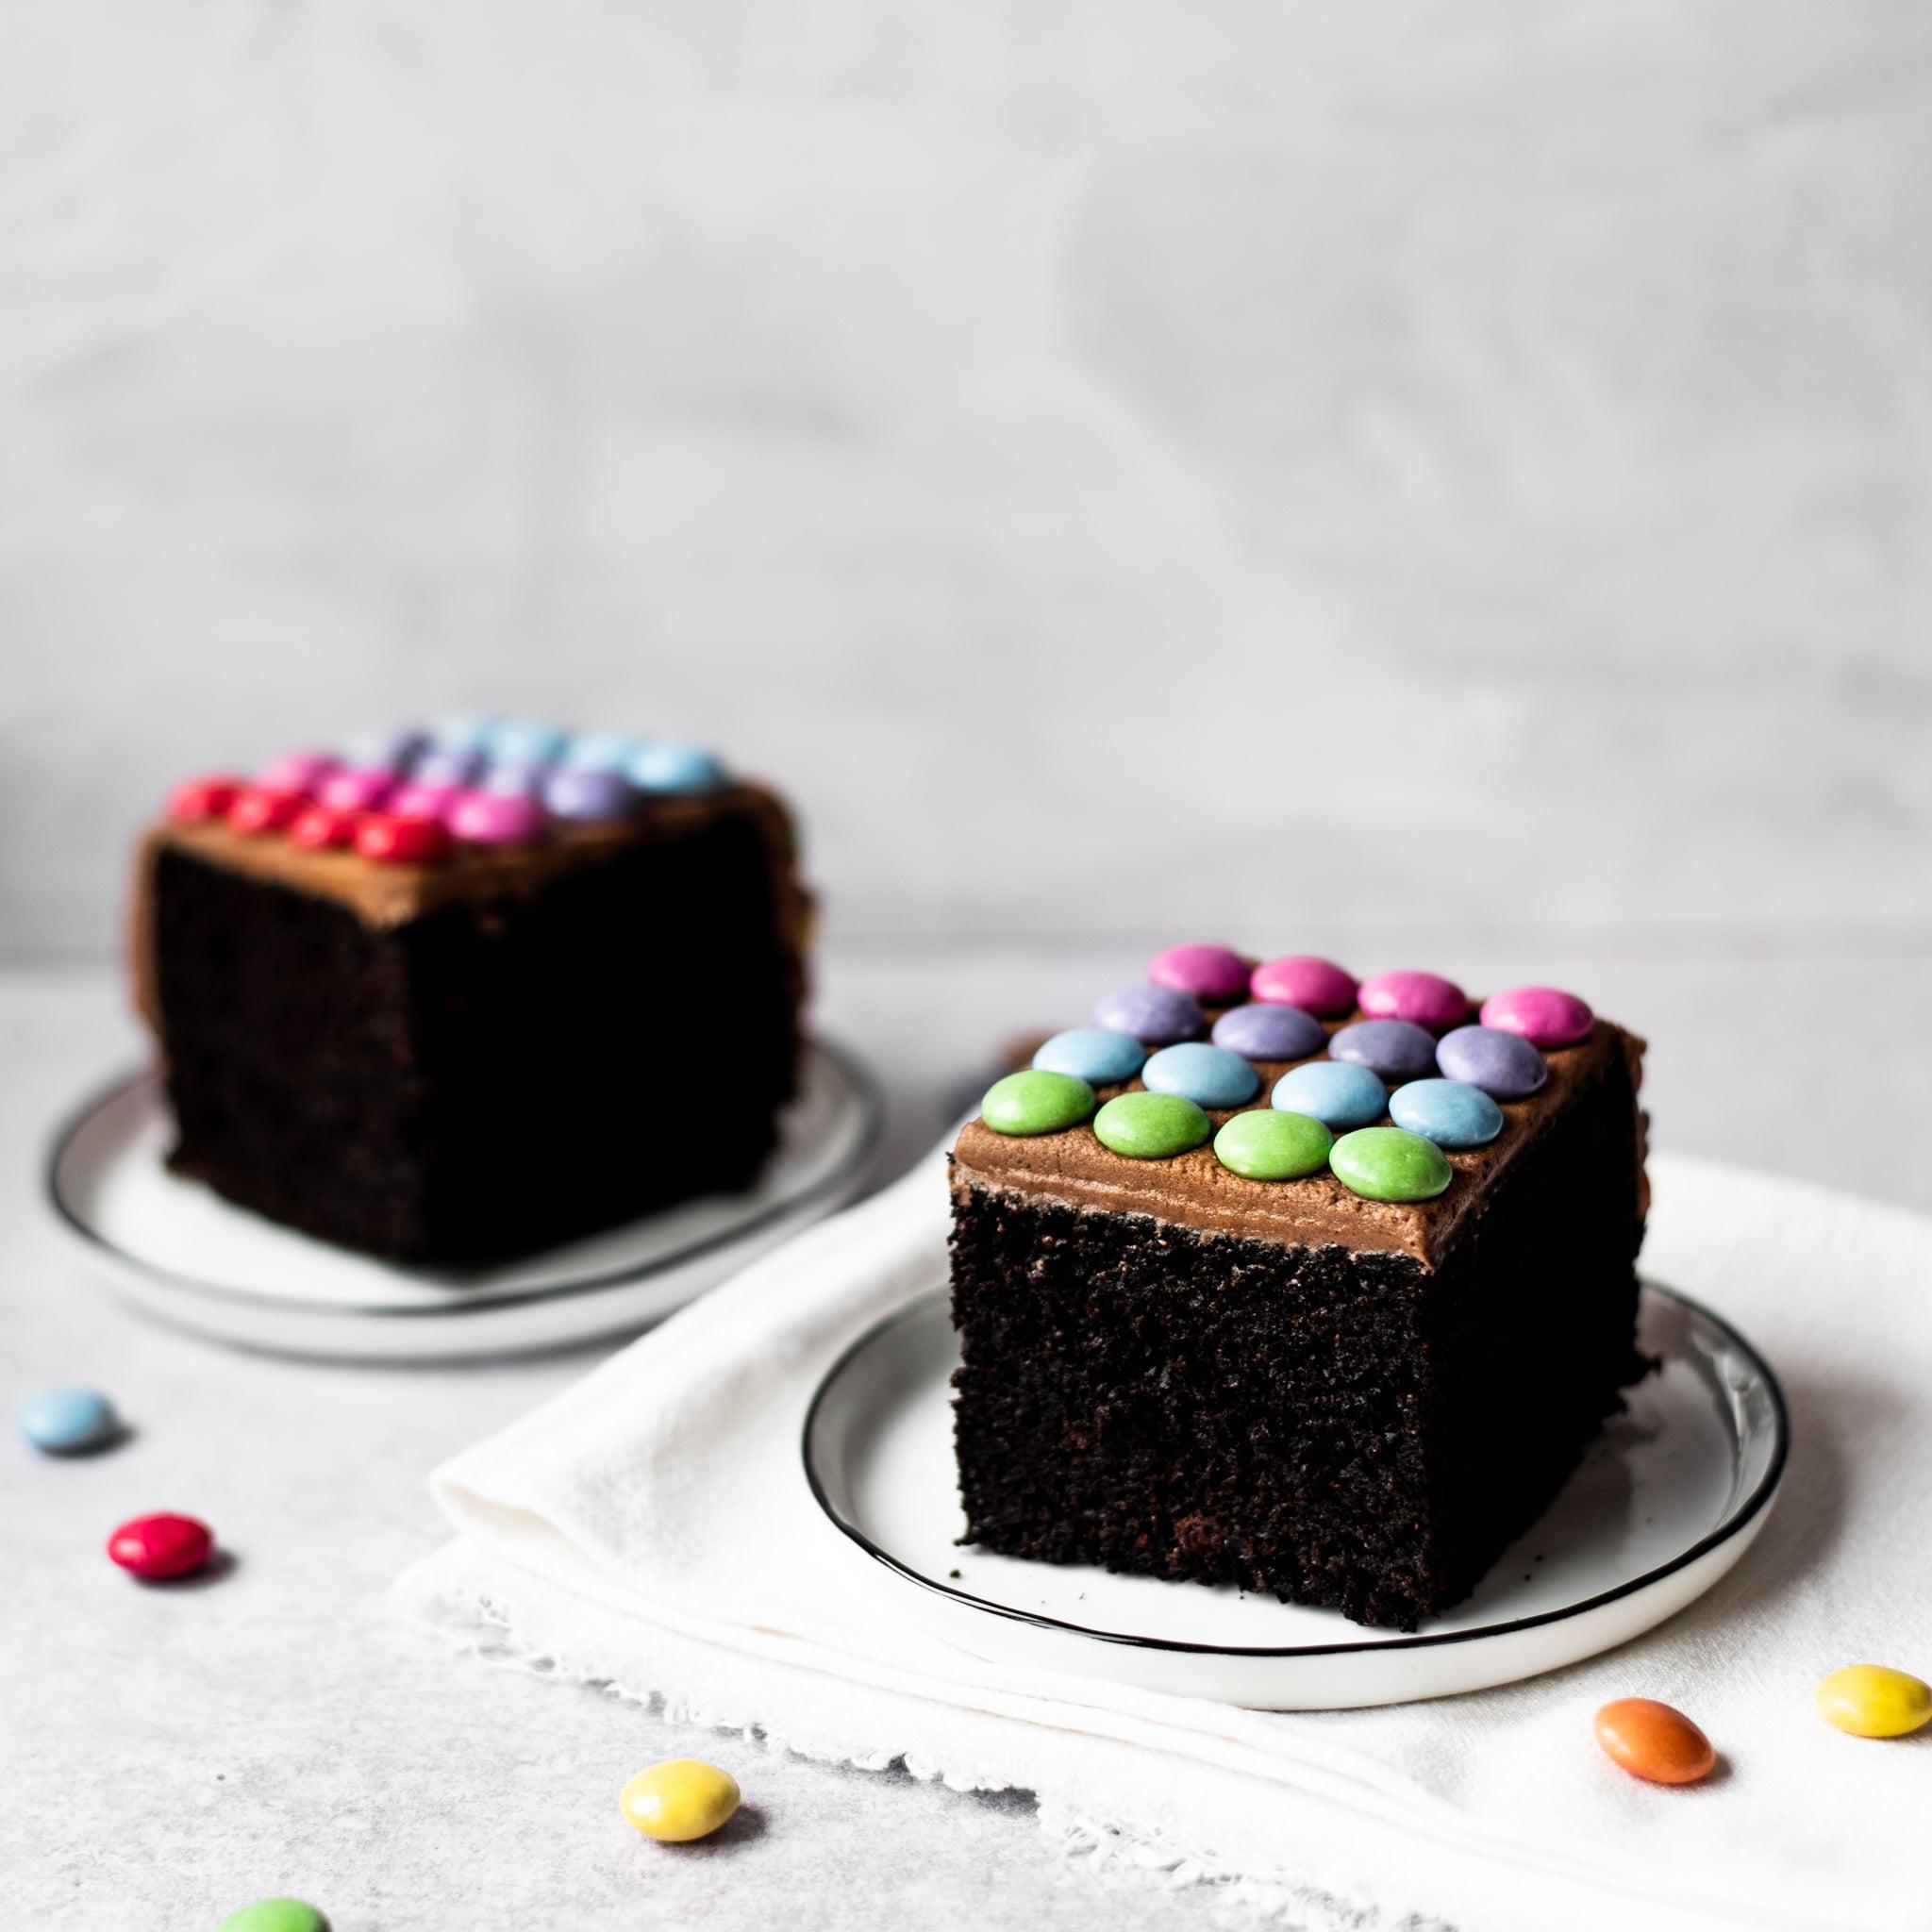 Smarties-Chocolate-Cake-SQUARE-6.jpg